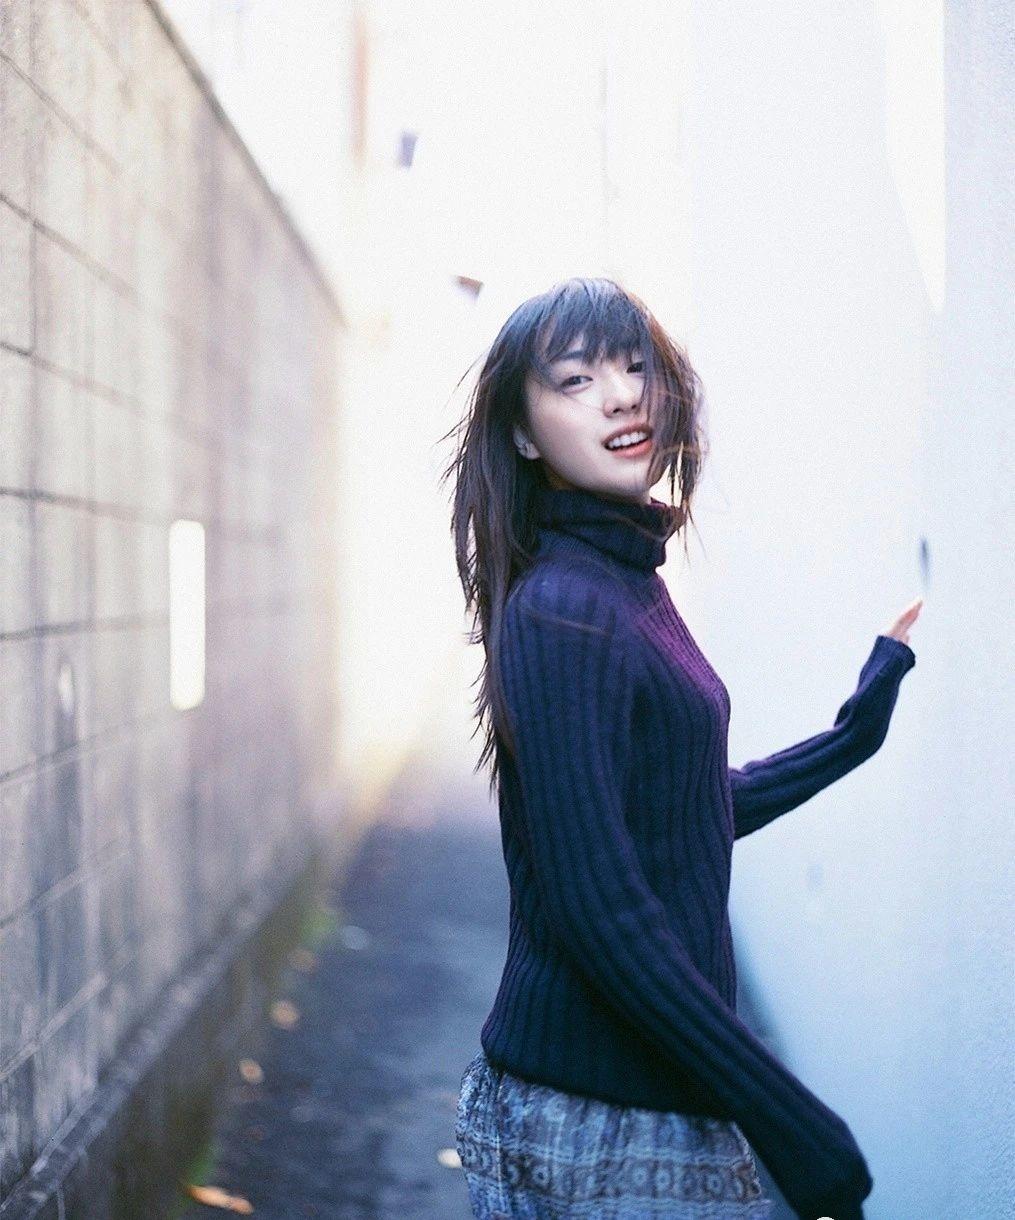 美的不可方物少女时代的户田惠梨香写真作品 (51)